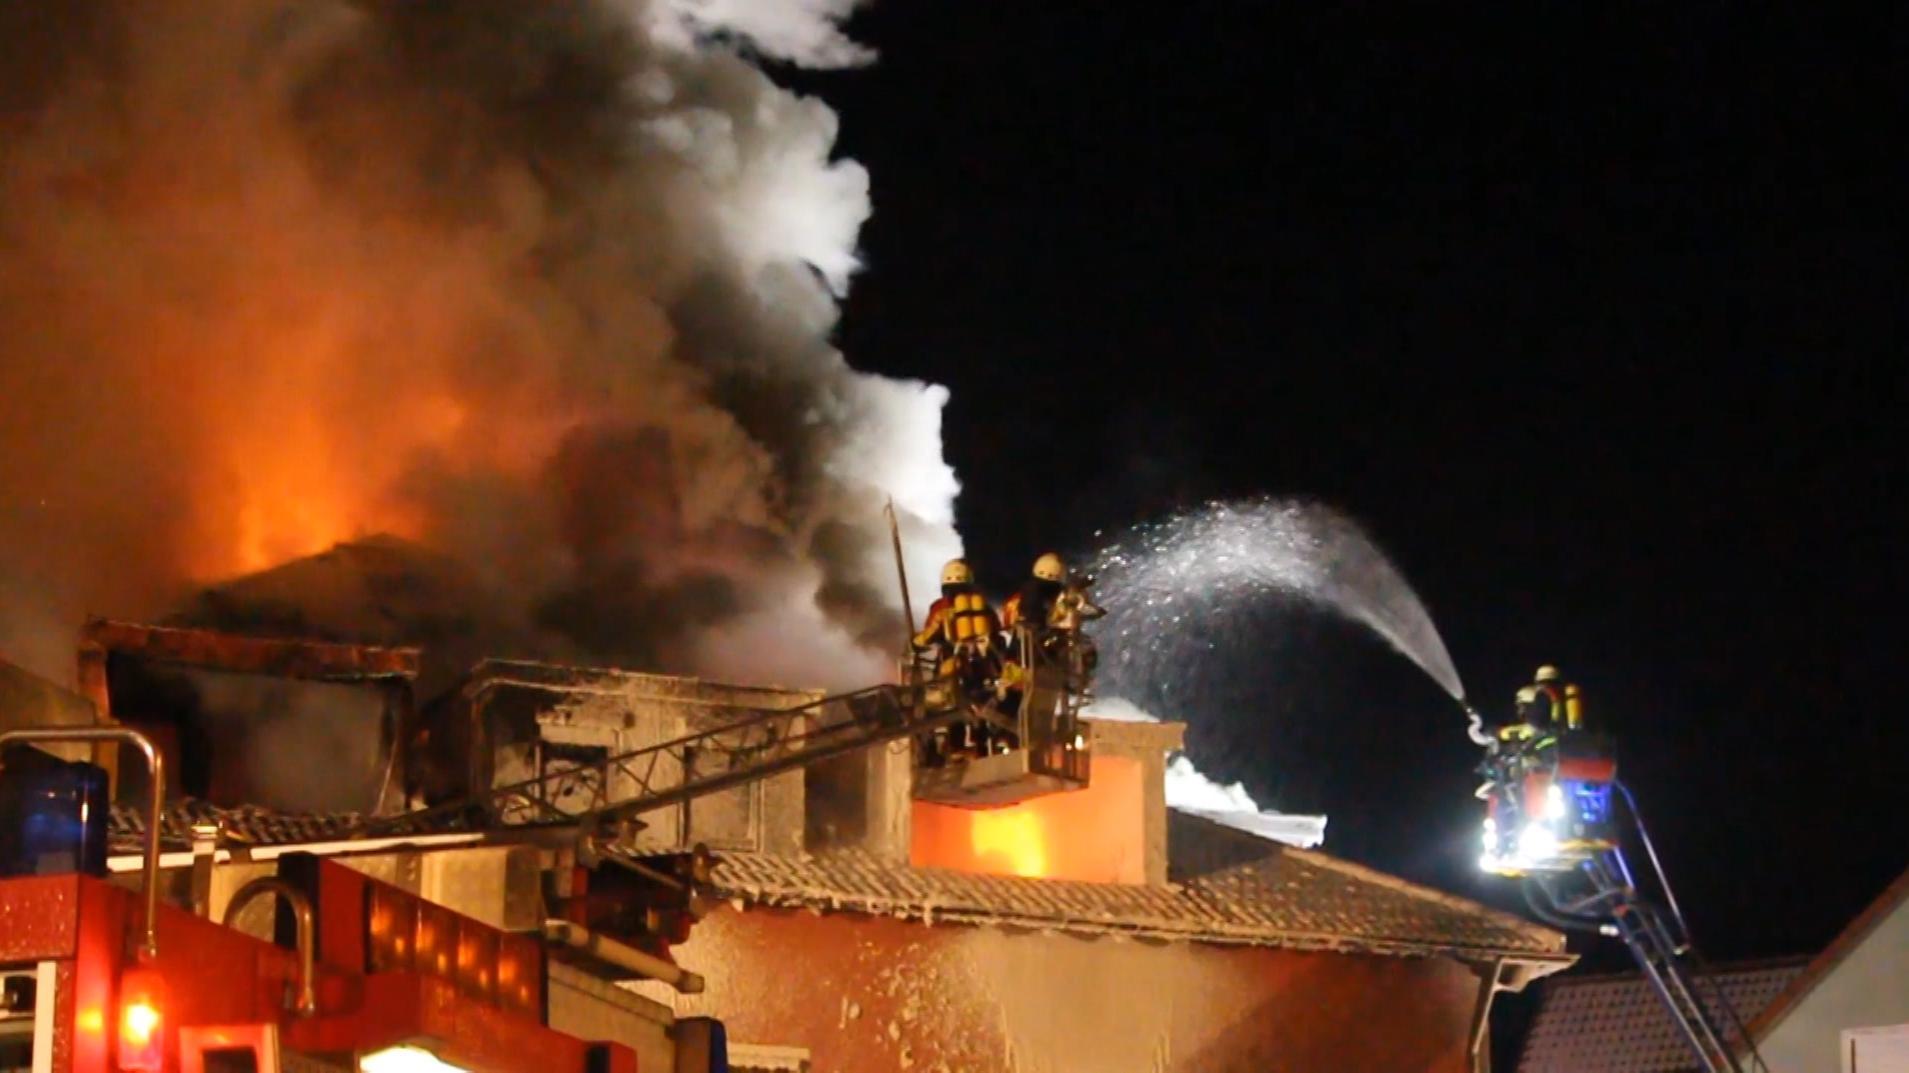 Die Feuerwehr löscht ein brennendes Haus in Pegnitz (Lkr. Bayreuth).